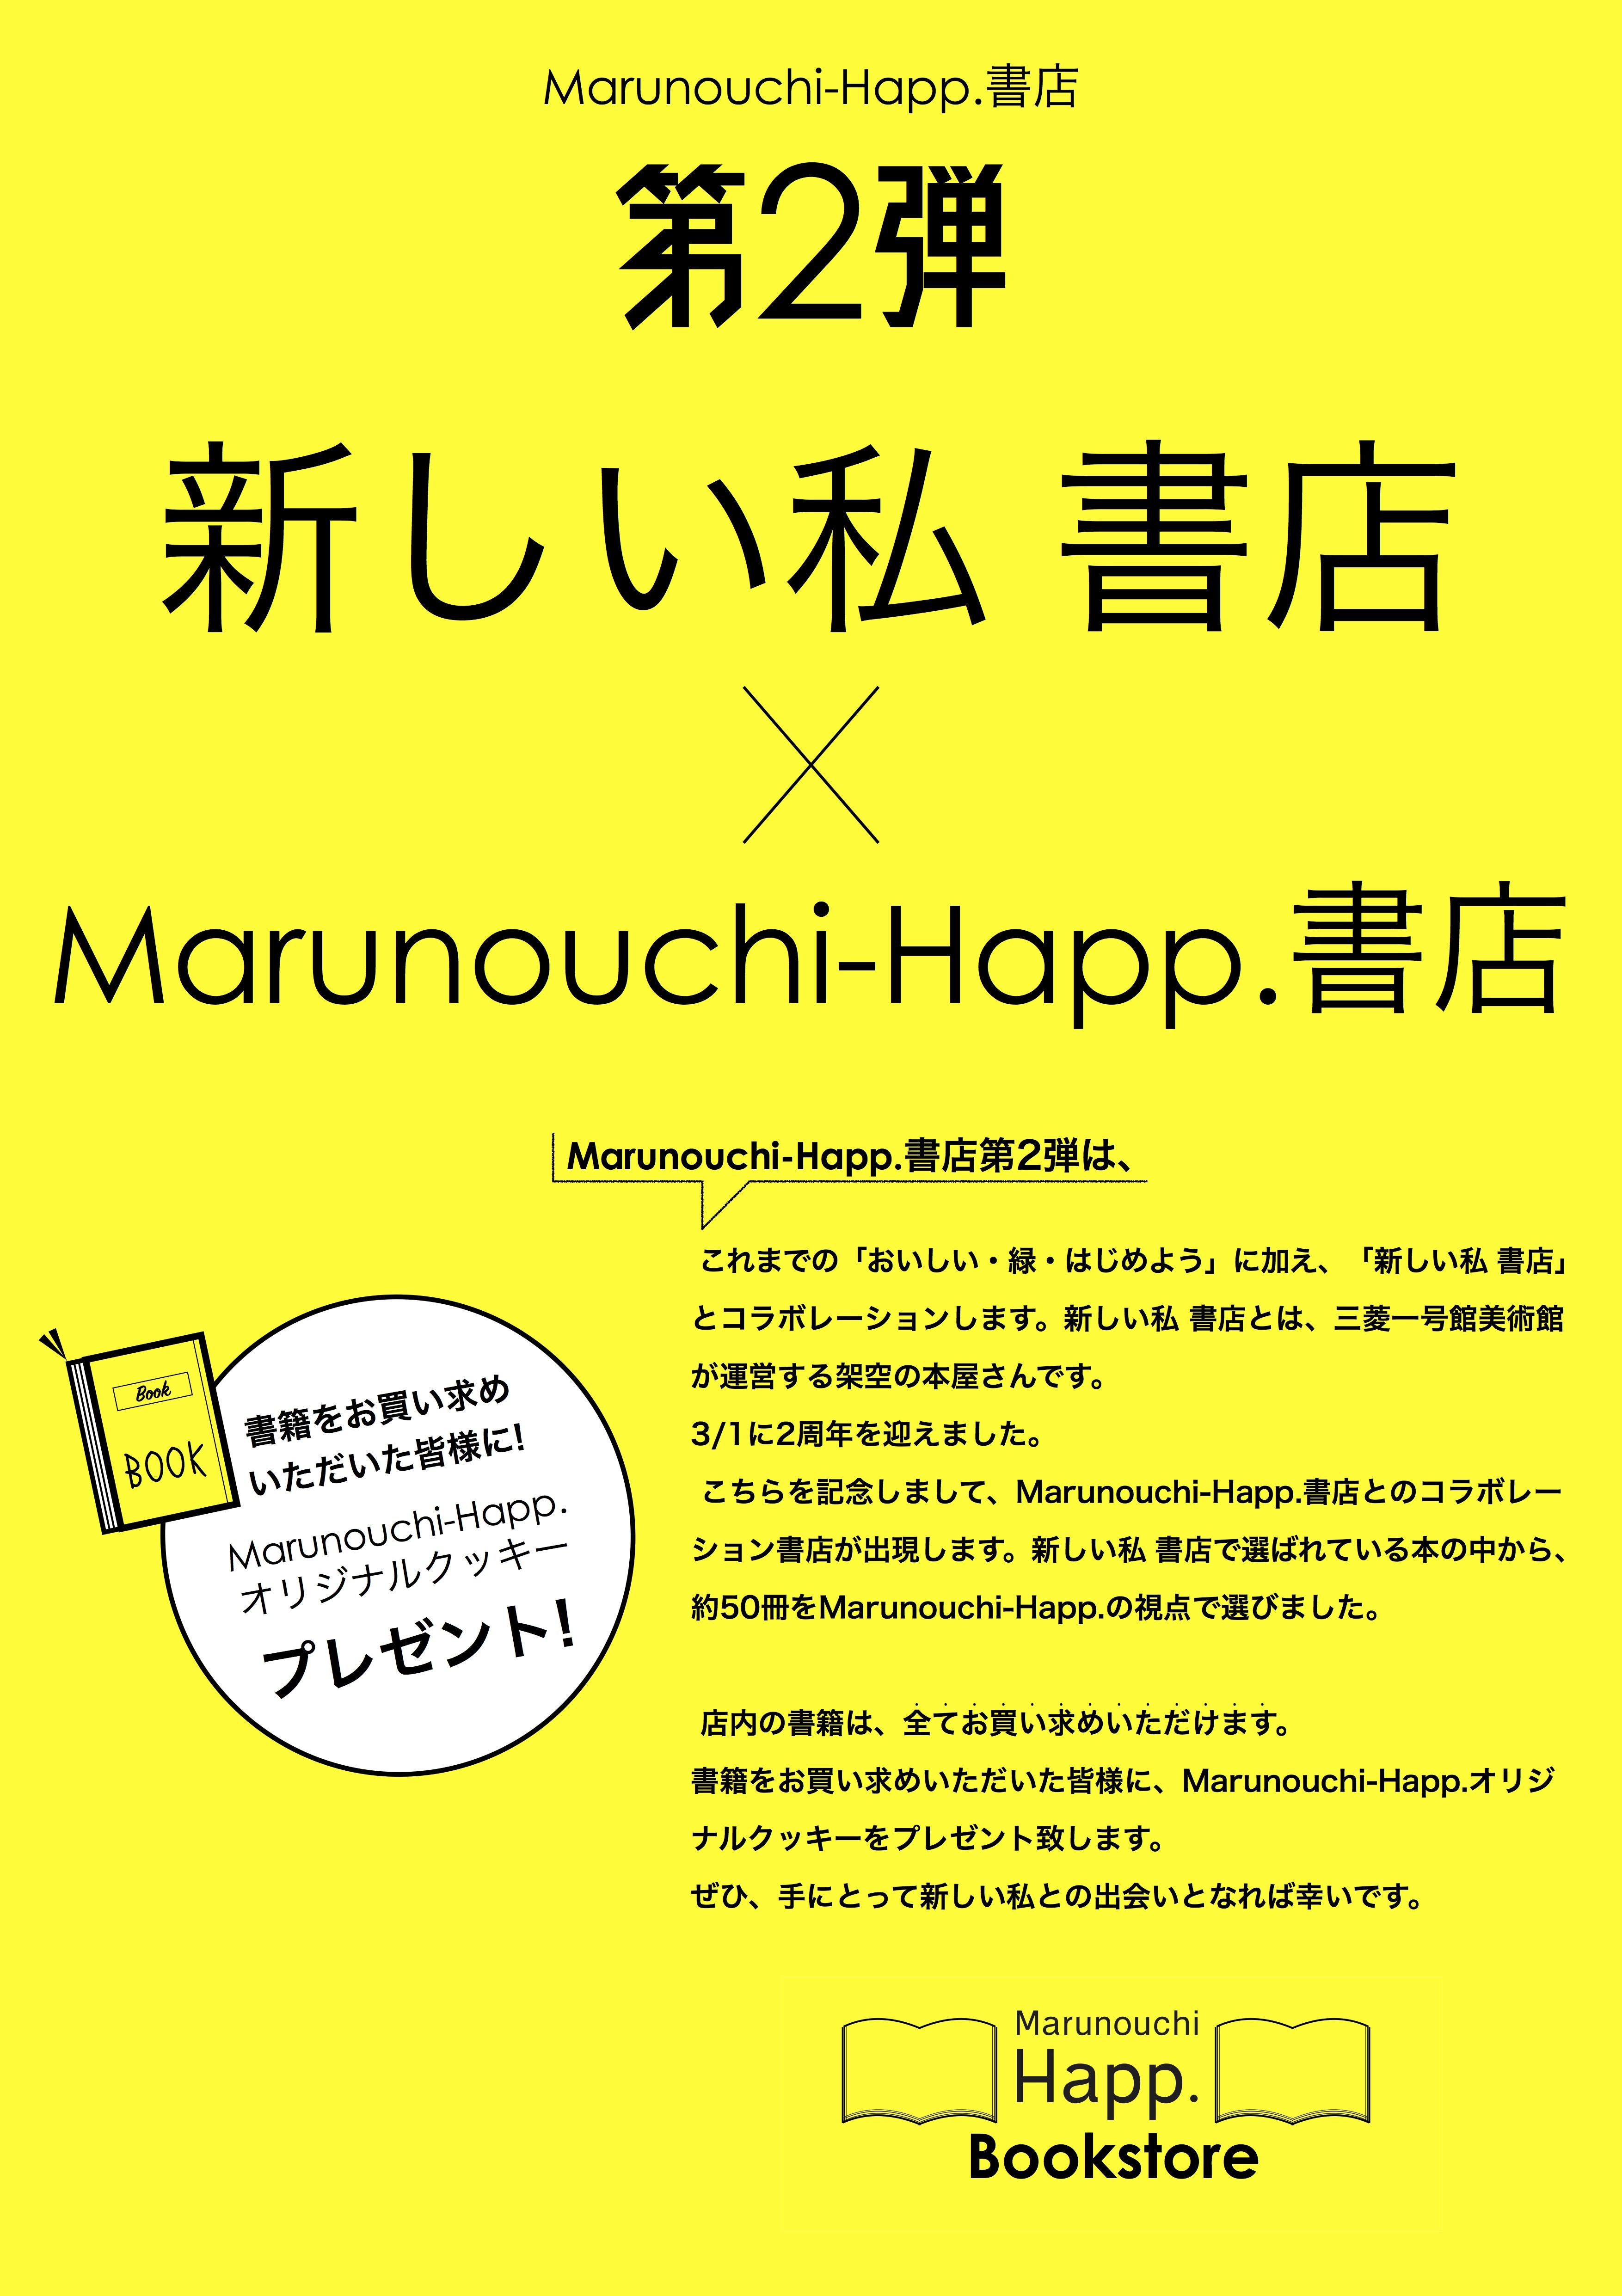 3/4(月)〜19(火)三菱一号館美術館'新しい私 書店'×Marunouchi-Happ.書店